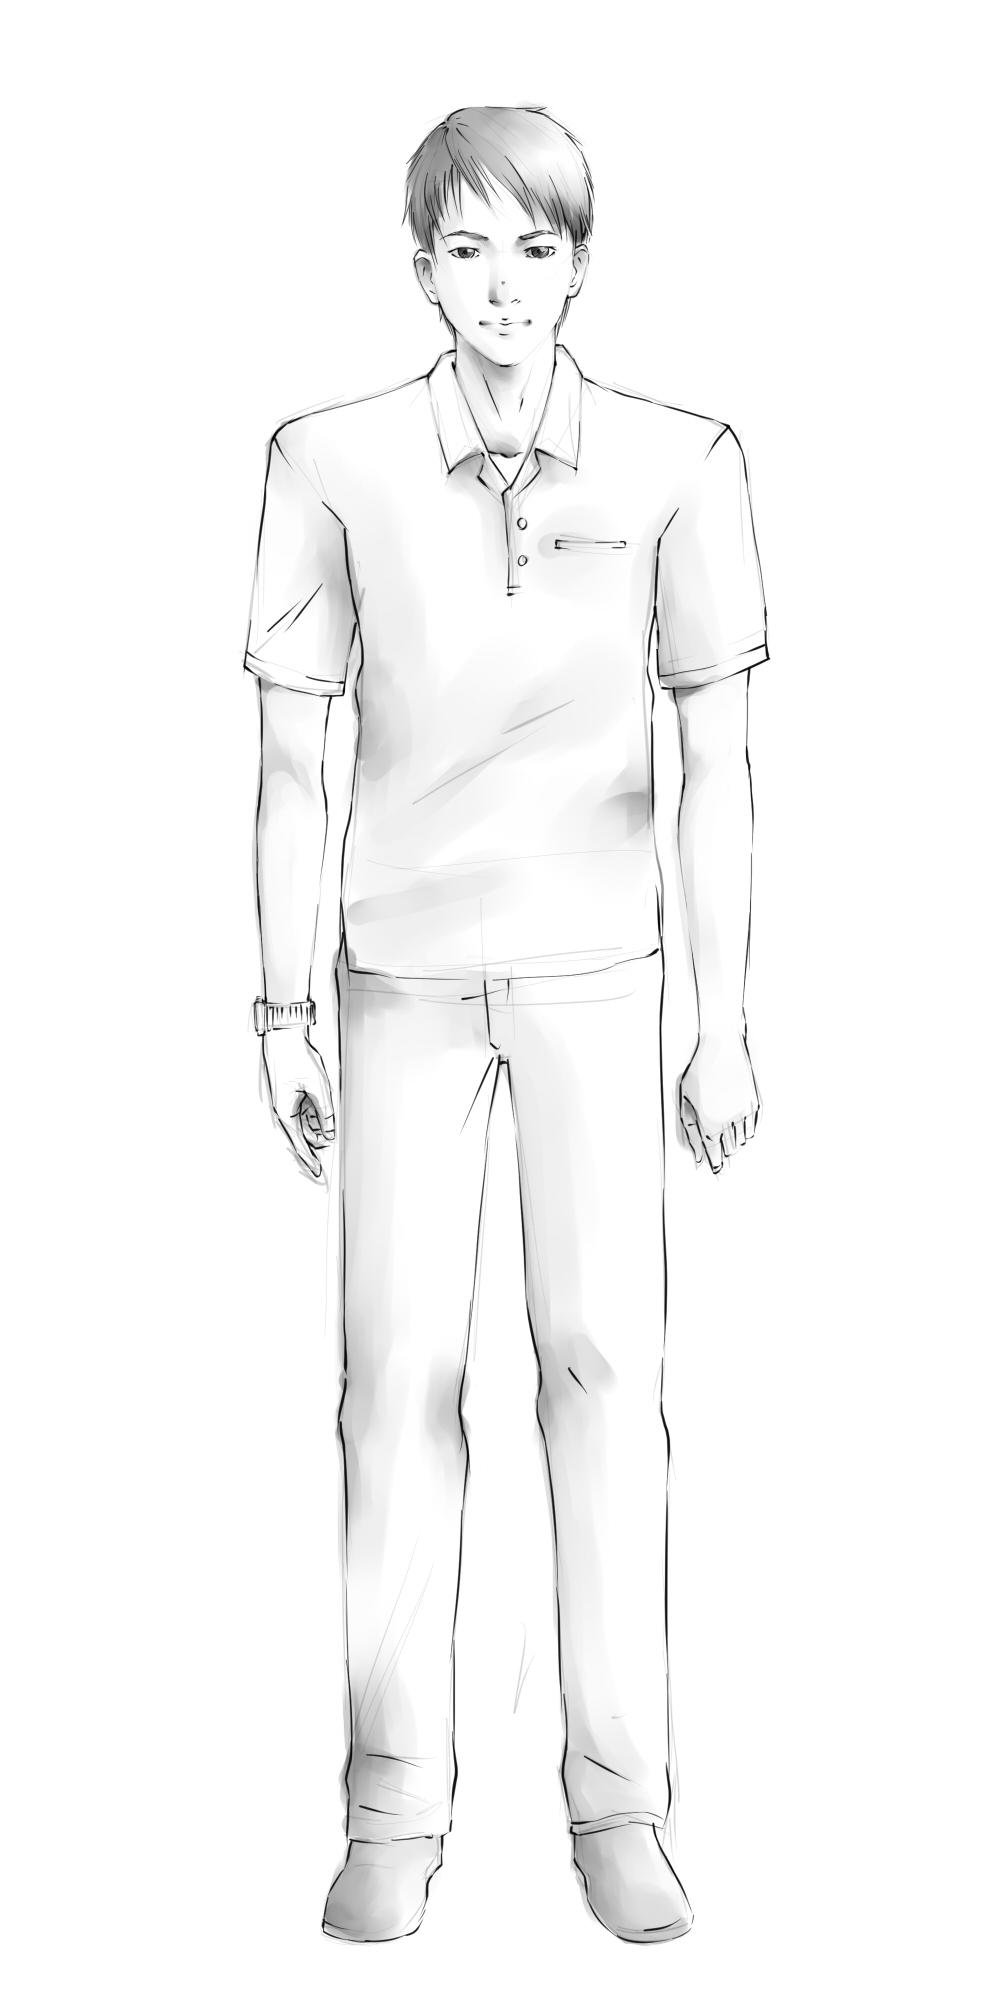 Personen Zeichnen – Wikihow innen Wie Zeichne Ich Einen Menschen